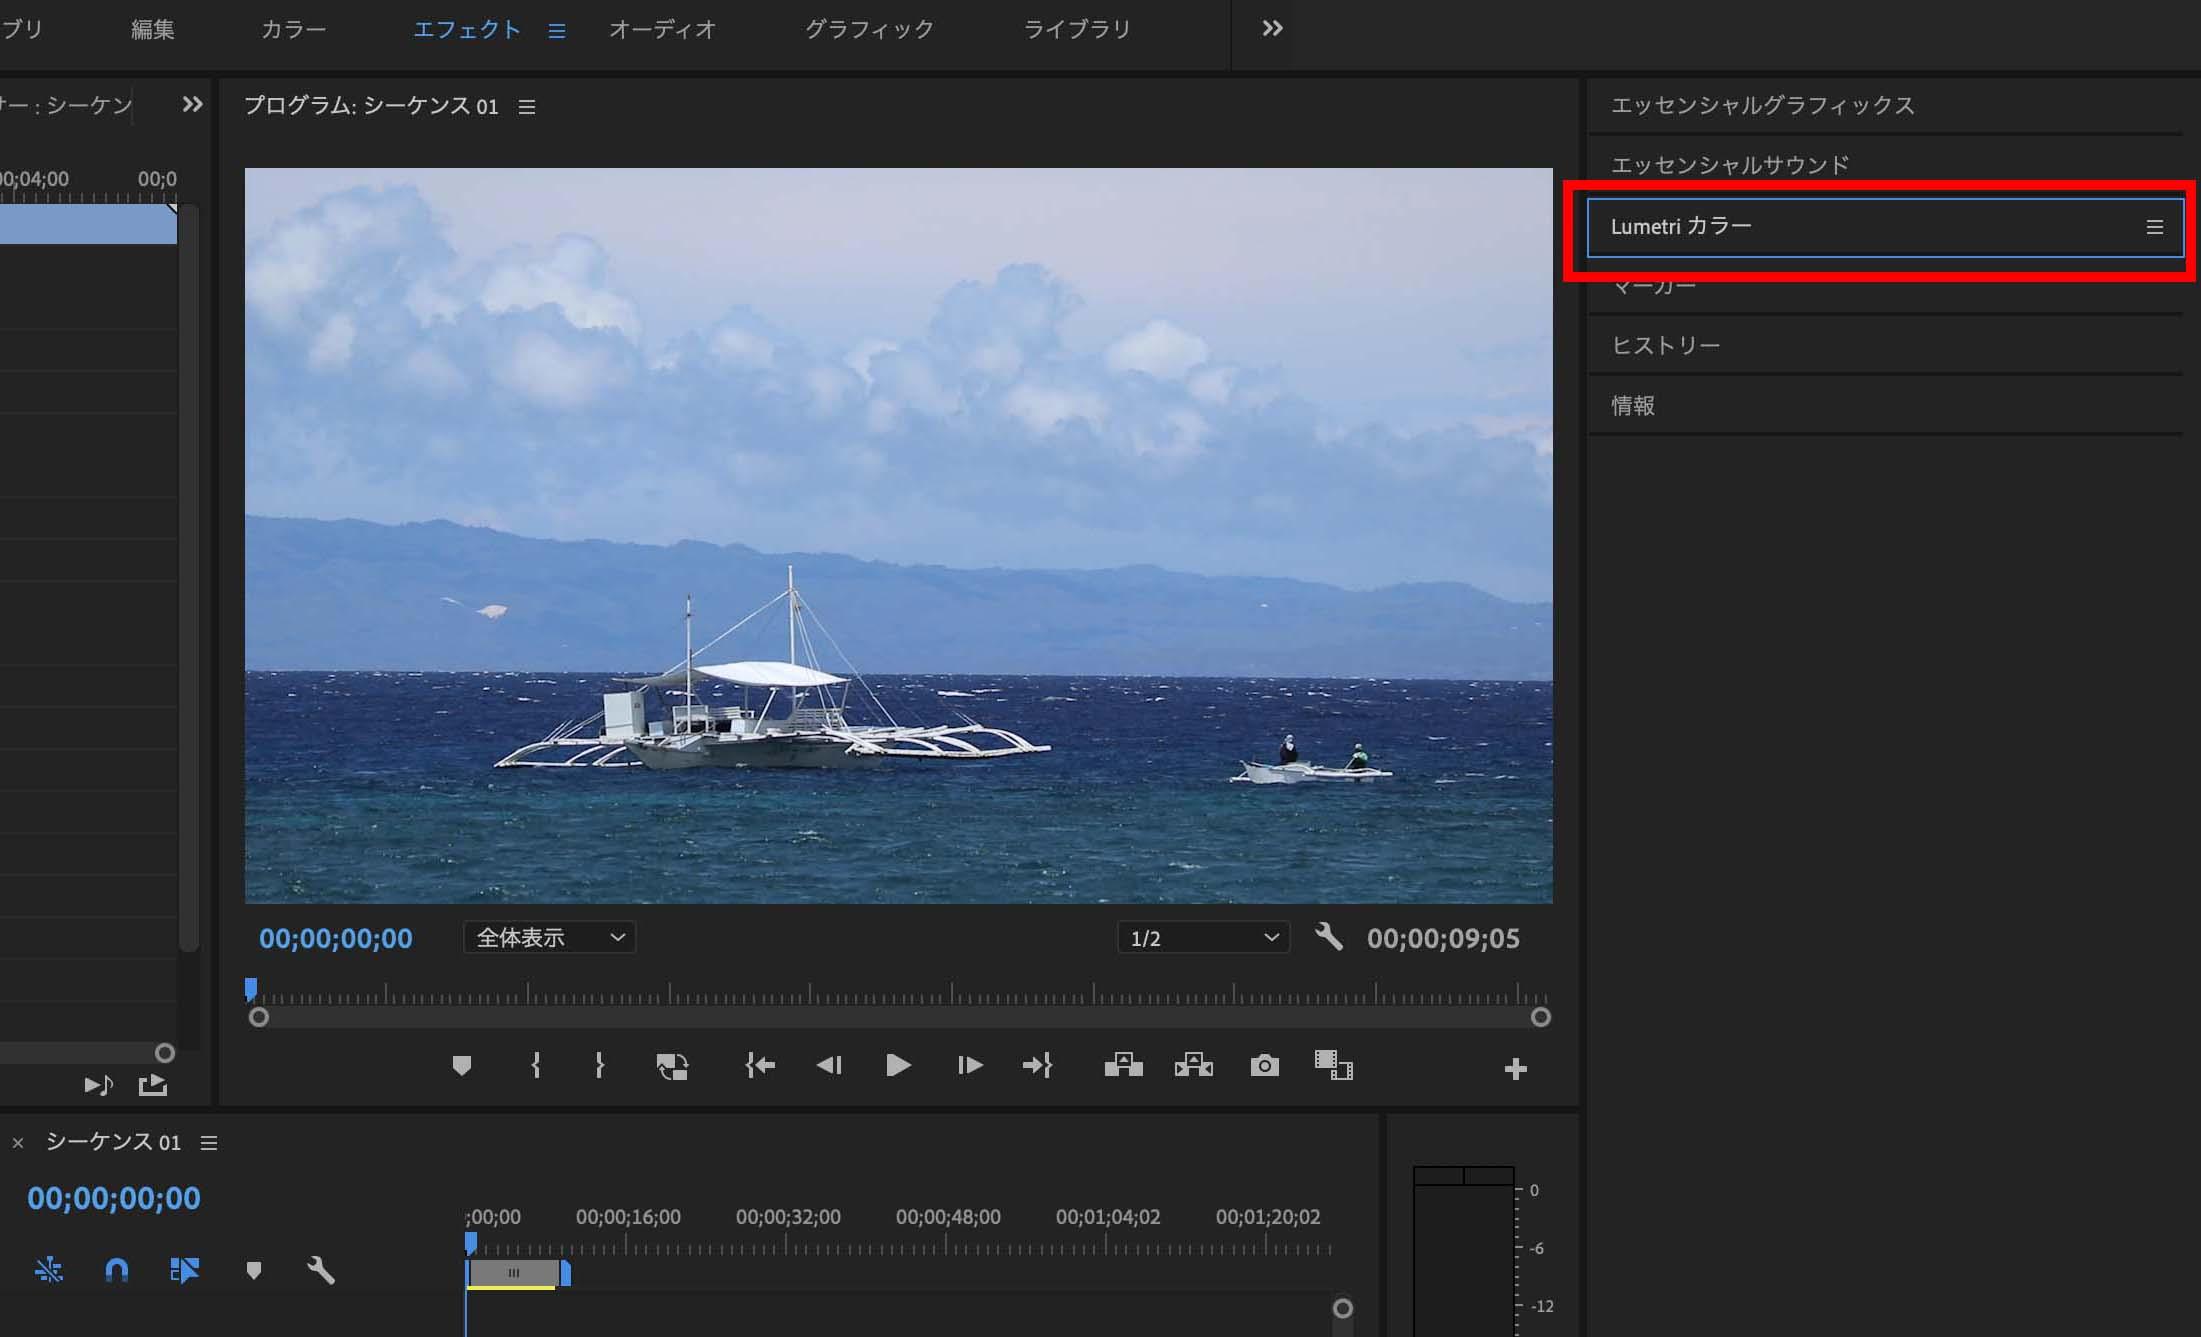 プレミアプロの編集機能3:動画の見栄えを調整する